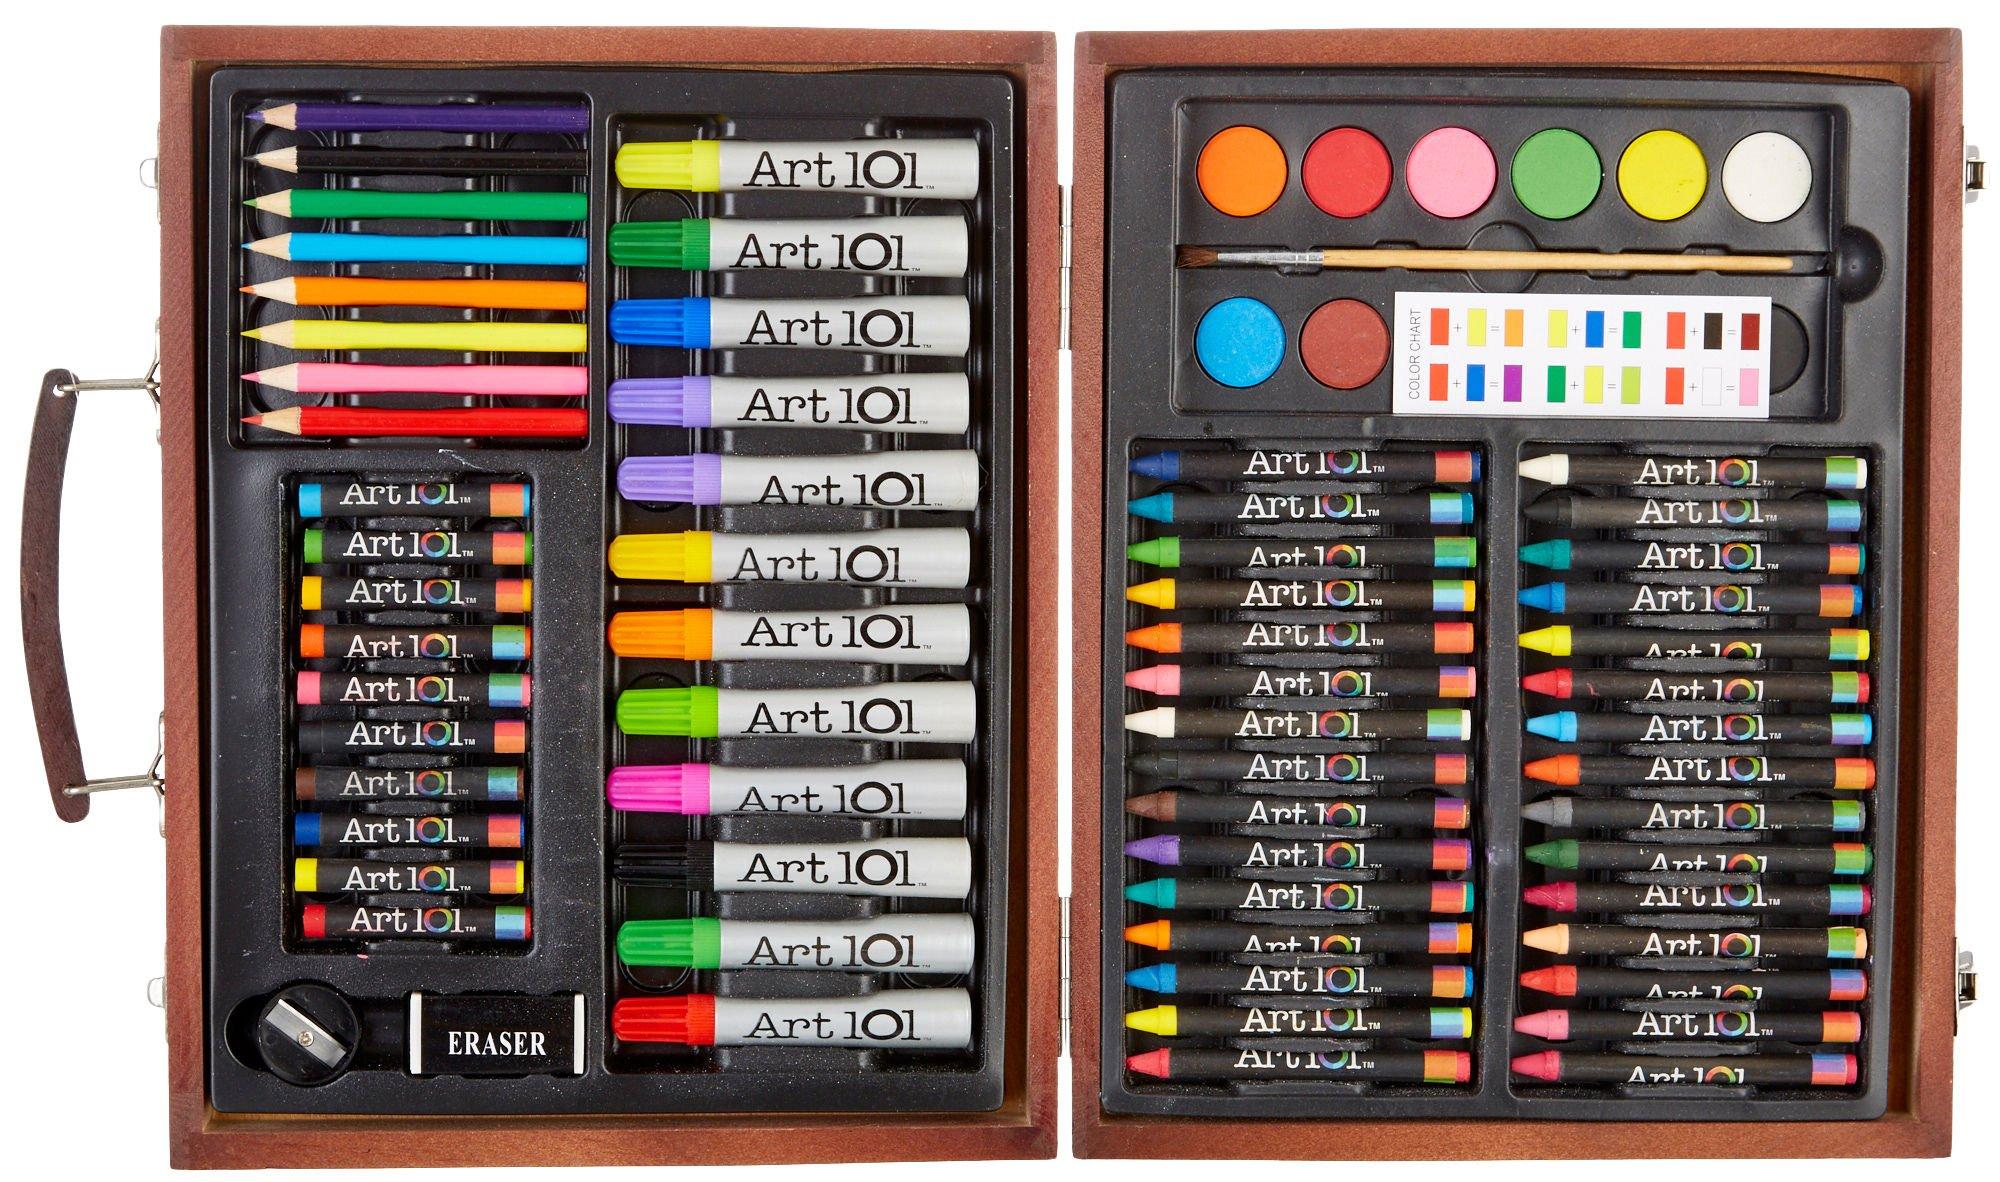 Art 101 78-Piece Art & Creative Set in a Wooden Case